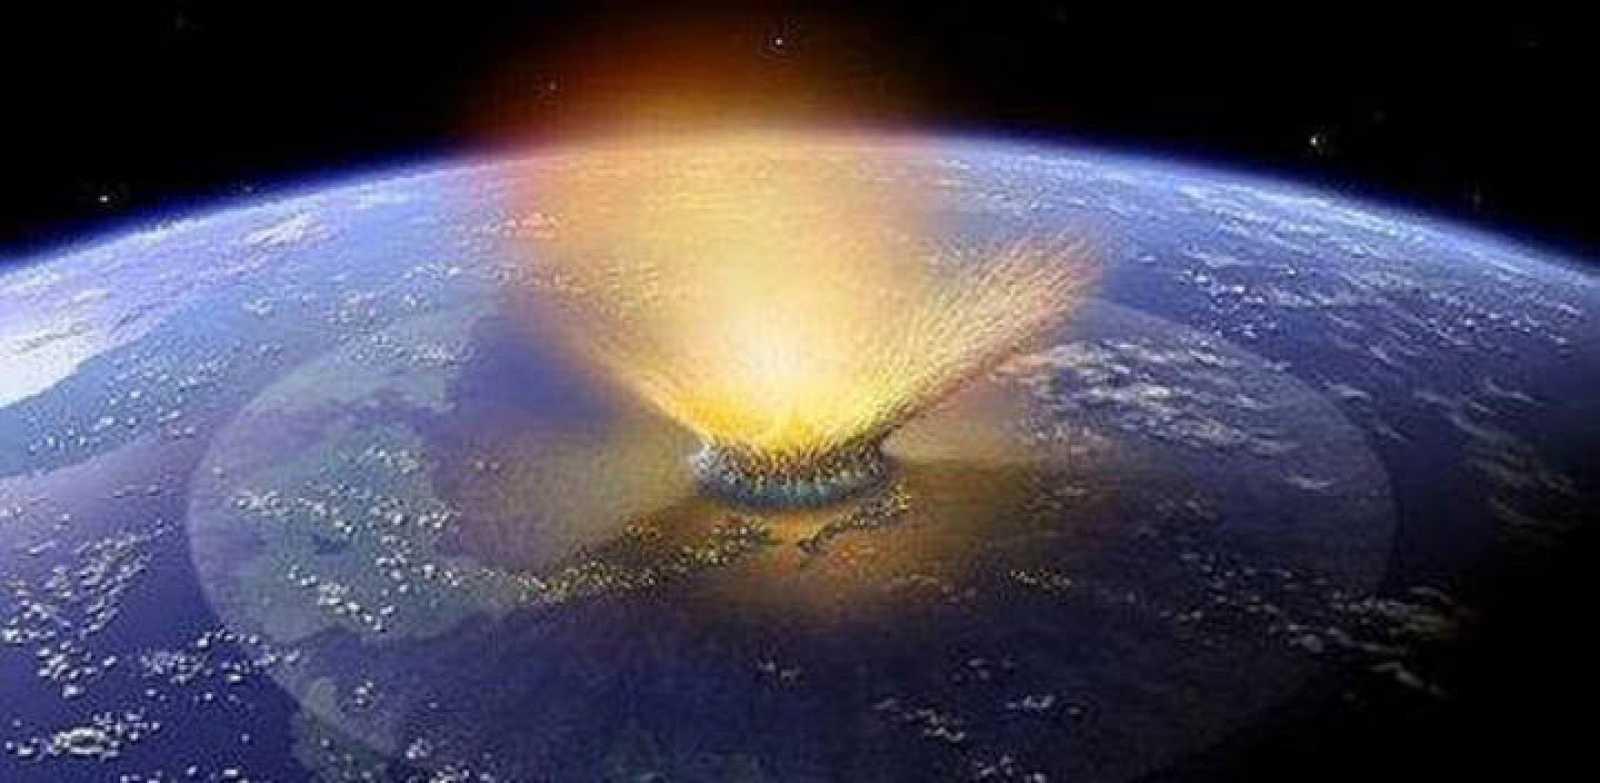 Reconstrucción del impacto de un meteorito sobre la Tierra